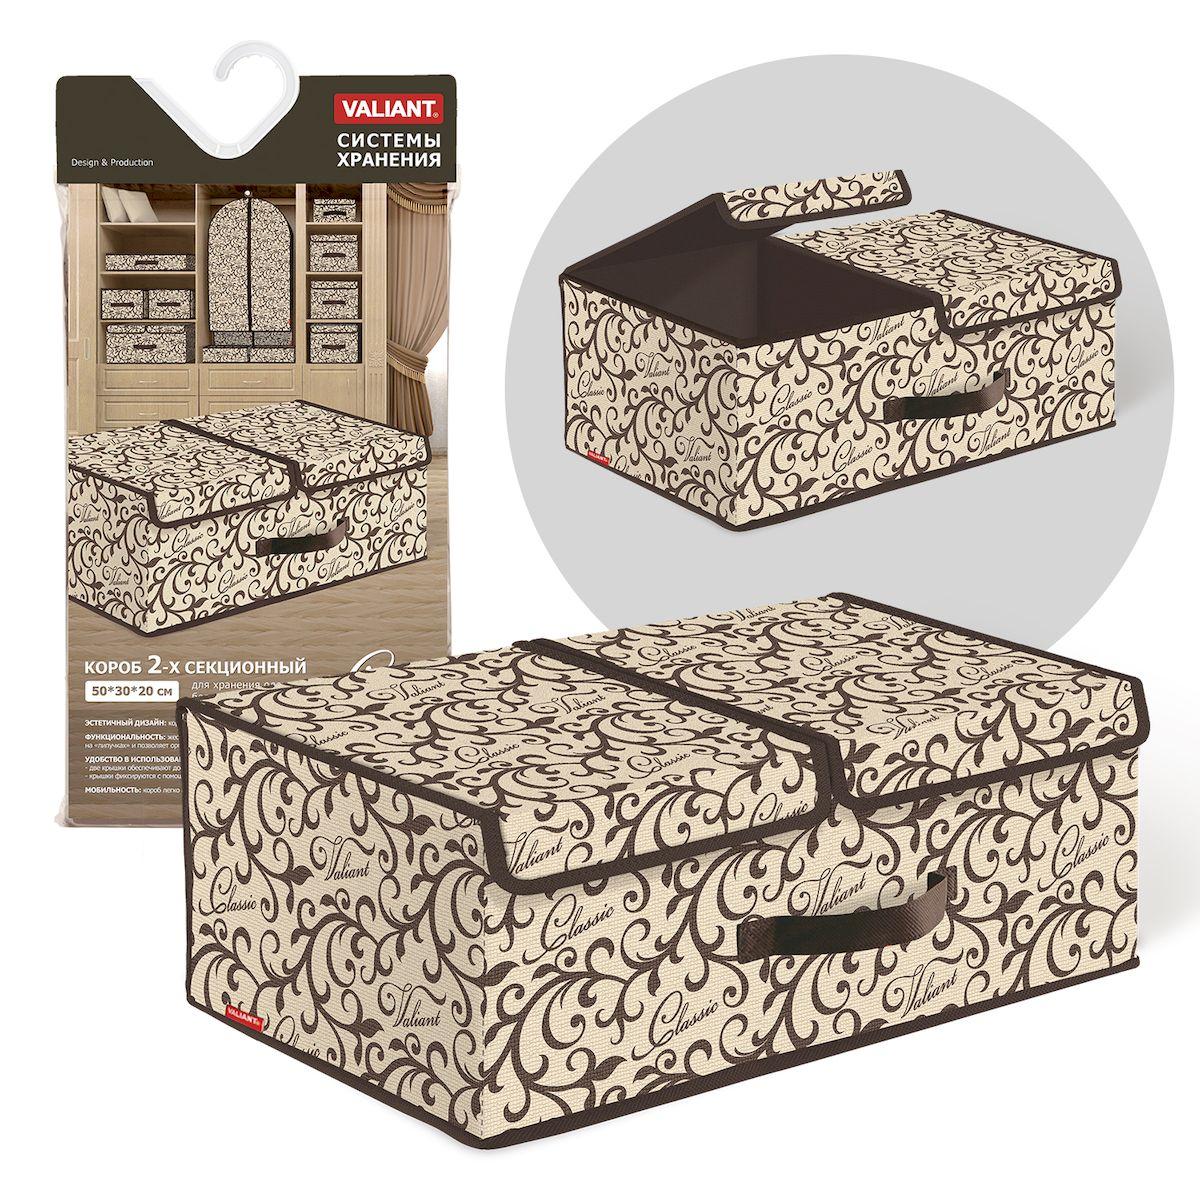 Короб стеллажный Valiant Classic, двухсекционный, 50 х 30 х 20 см12723Стеллажный короб Valiant Classic изготовлен из высококачественного нетканого материала, который обеспечивает естественную вентиляцию, позволяя воздуху проникать внутрь, но не пропускает пыль. Вставки из плотного картона хорошо держат форму. Короб снабжен двумя секциями и специальными крышками, которые фиксируются с помощью липучек. Изделие отличается мобильностью: легко раскладывается и складывается. В таком коробе удобно хранить одежду, белье и мелкие аксессуары. Красивый авторский дизайн прекрасно впишется в интерьер. Система хранения Valiant Classic в едином дизайне сделают вашу гардеробную изысканной и невероятно стильной.